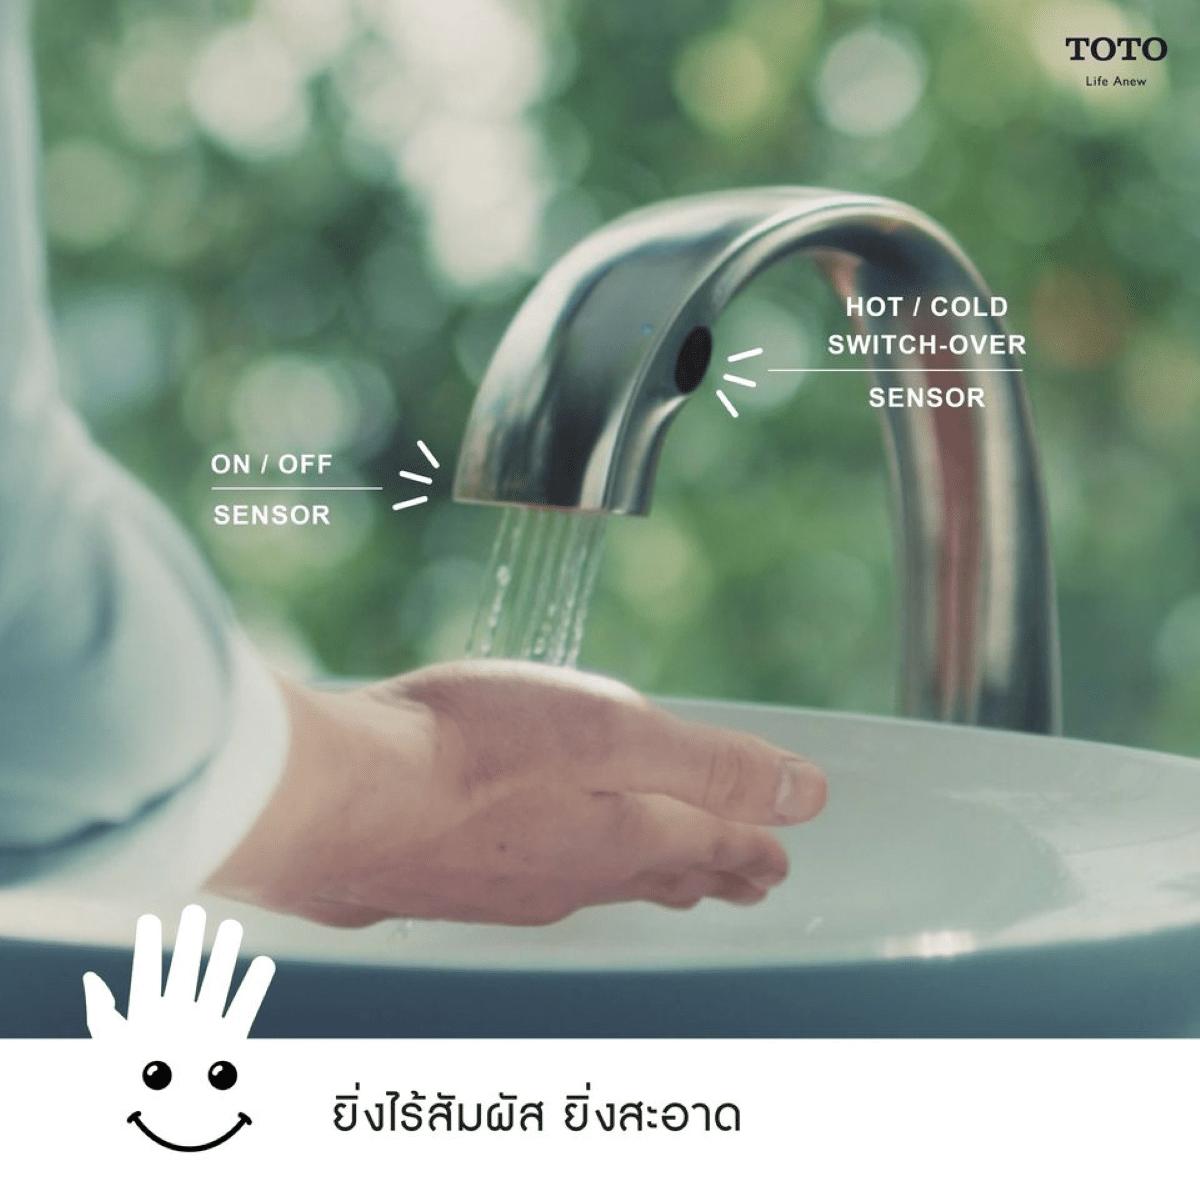 ล้างมือทุกครั้งหลังจากเข้าห้องน้ำ